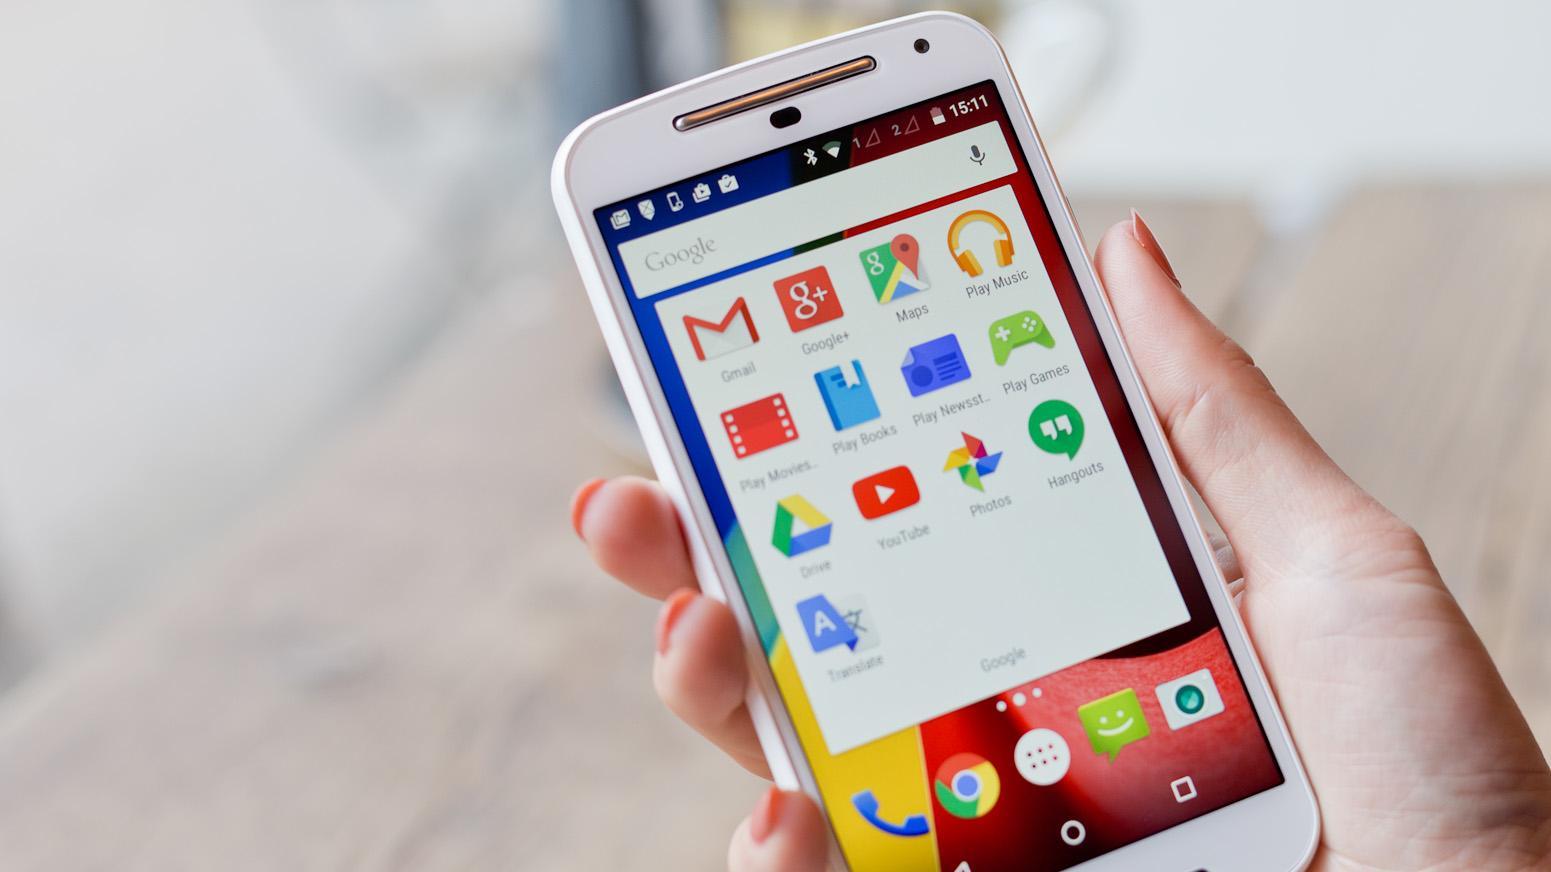 Как отвечать сразу в панели уведомлений на Android?